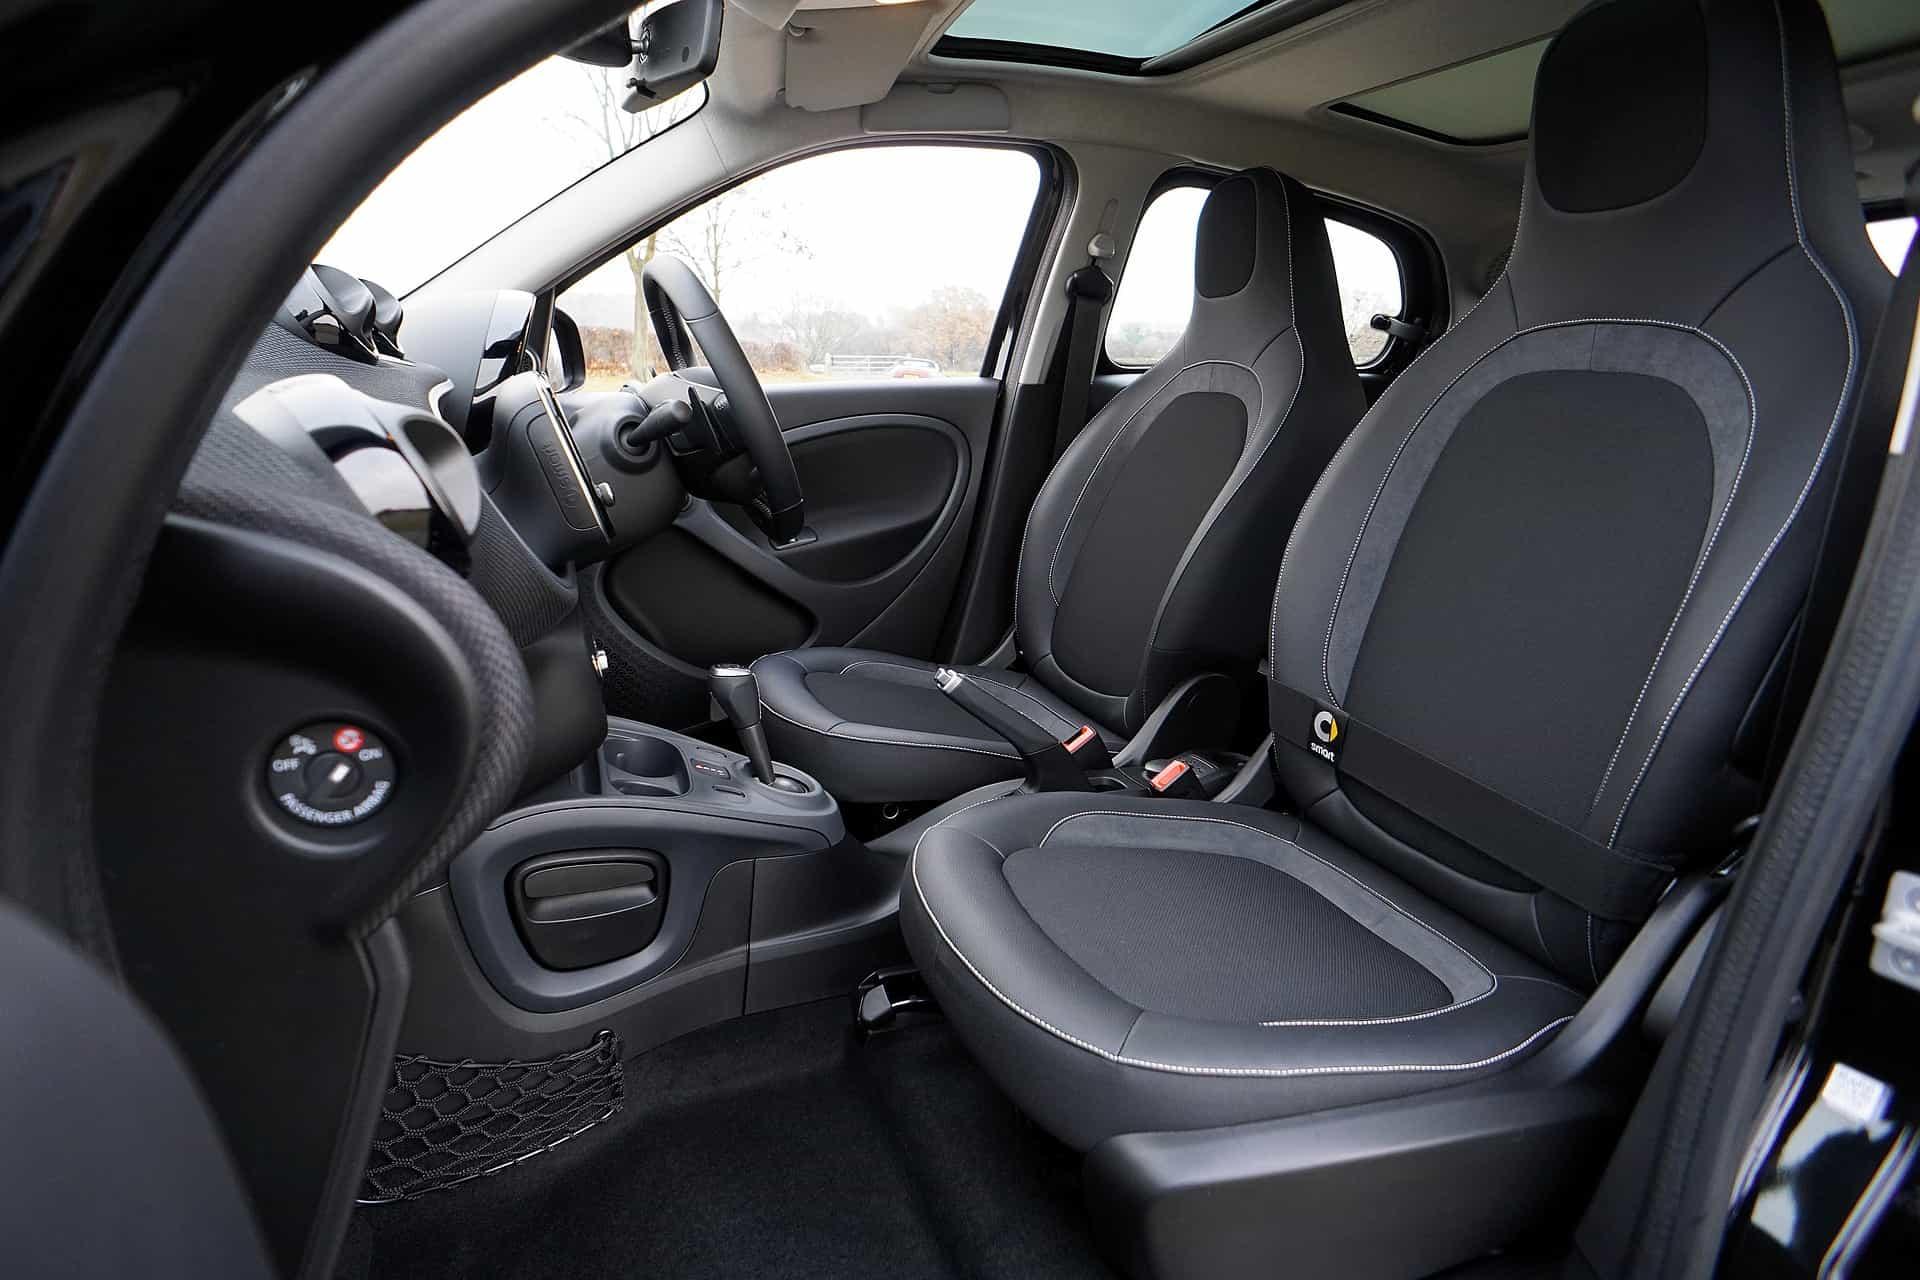 Aspirador de pó automotivo: Qual é o melhor de 2020?